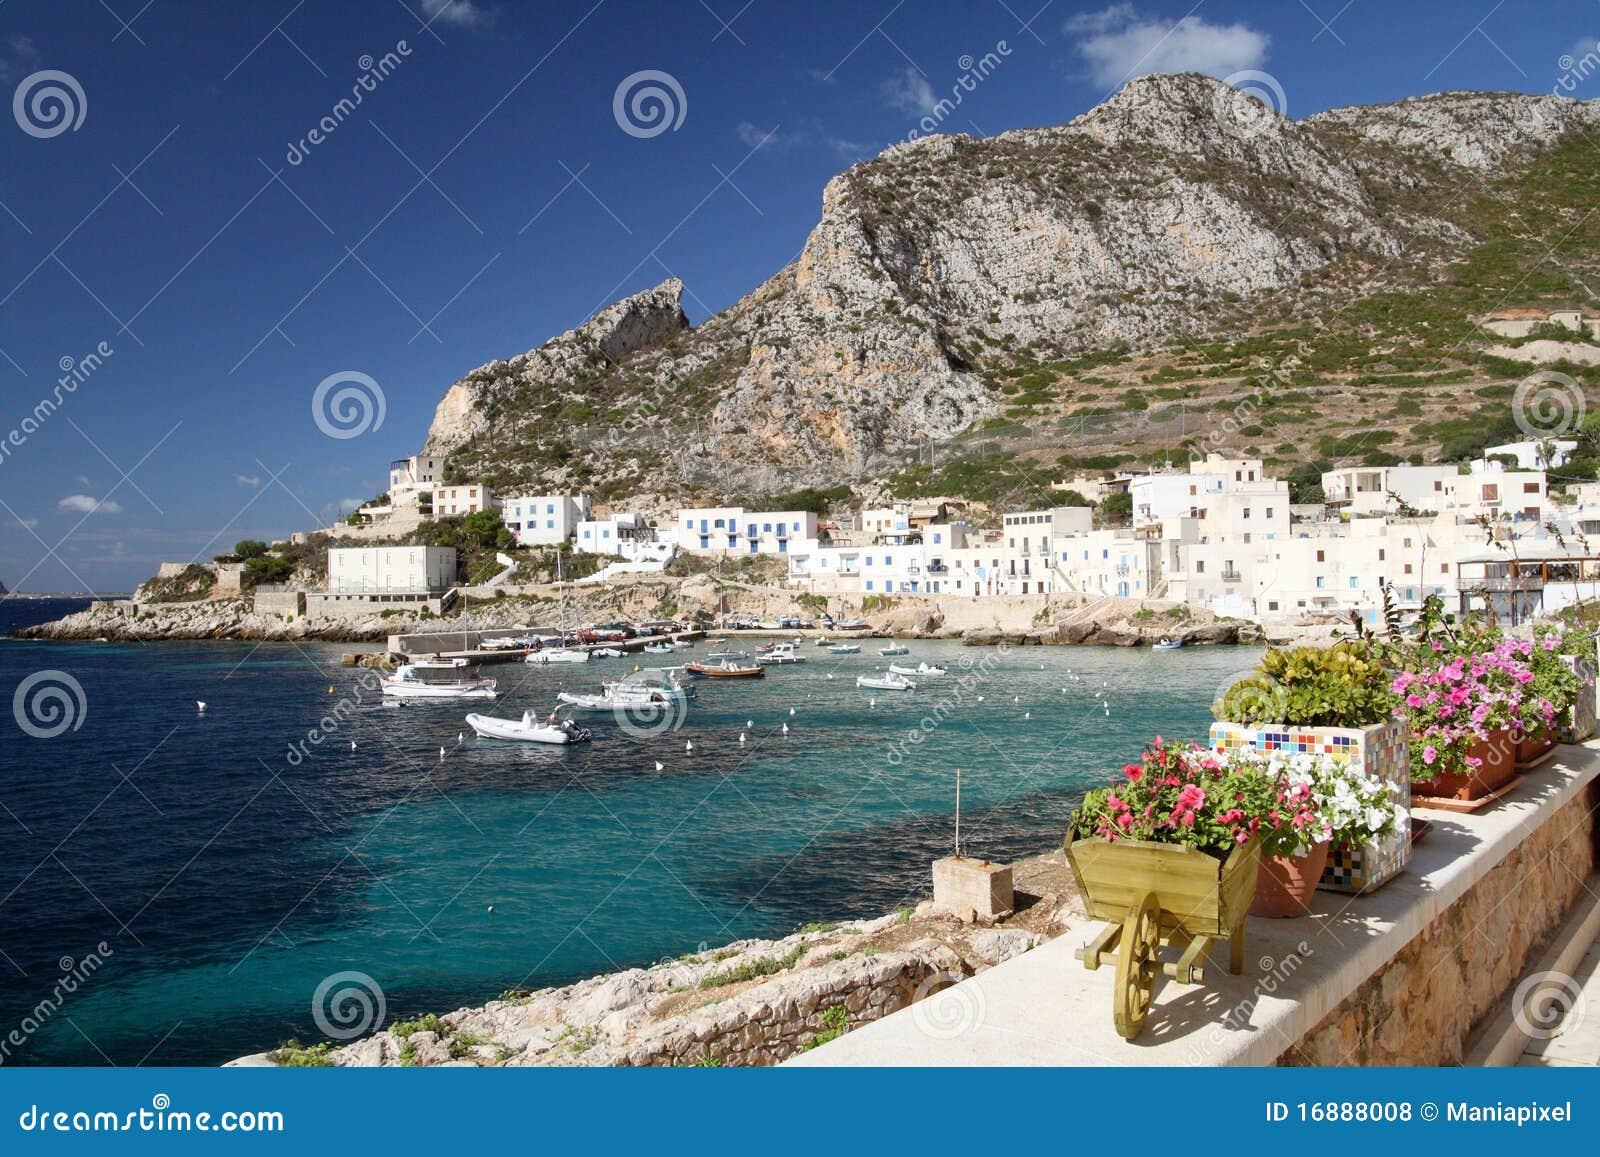 Levanzo Egadi islands stock photo. Image of tourism, town - 16888008